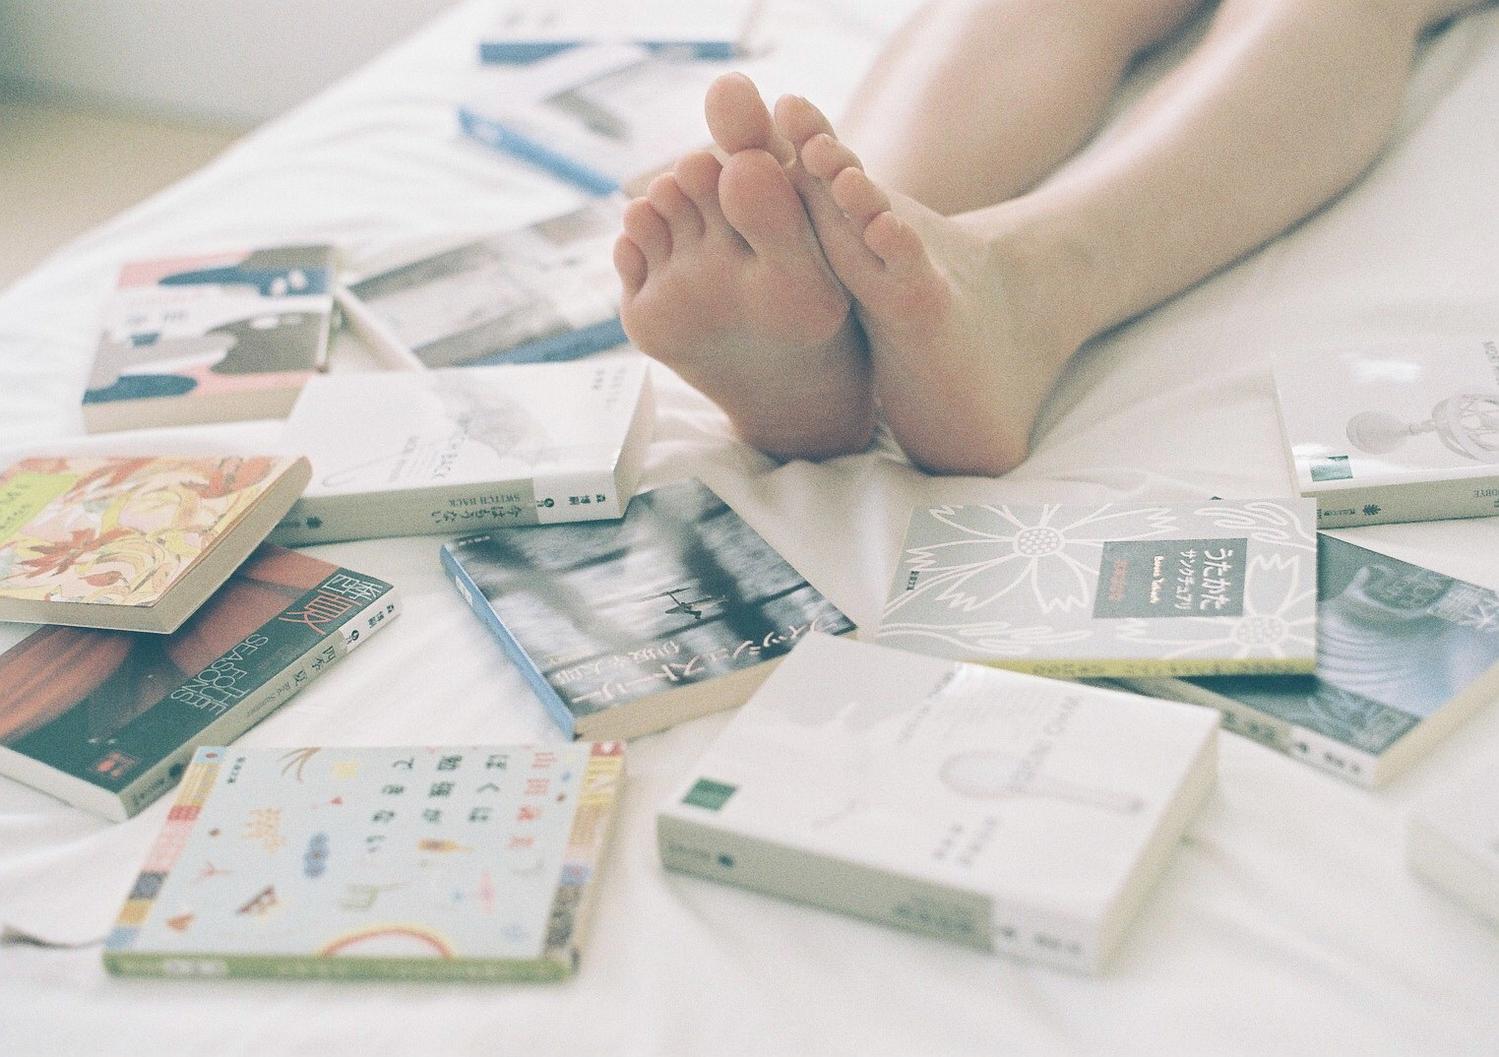 1. 寝不足&睡眠の取りすぎ